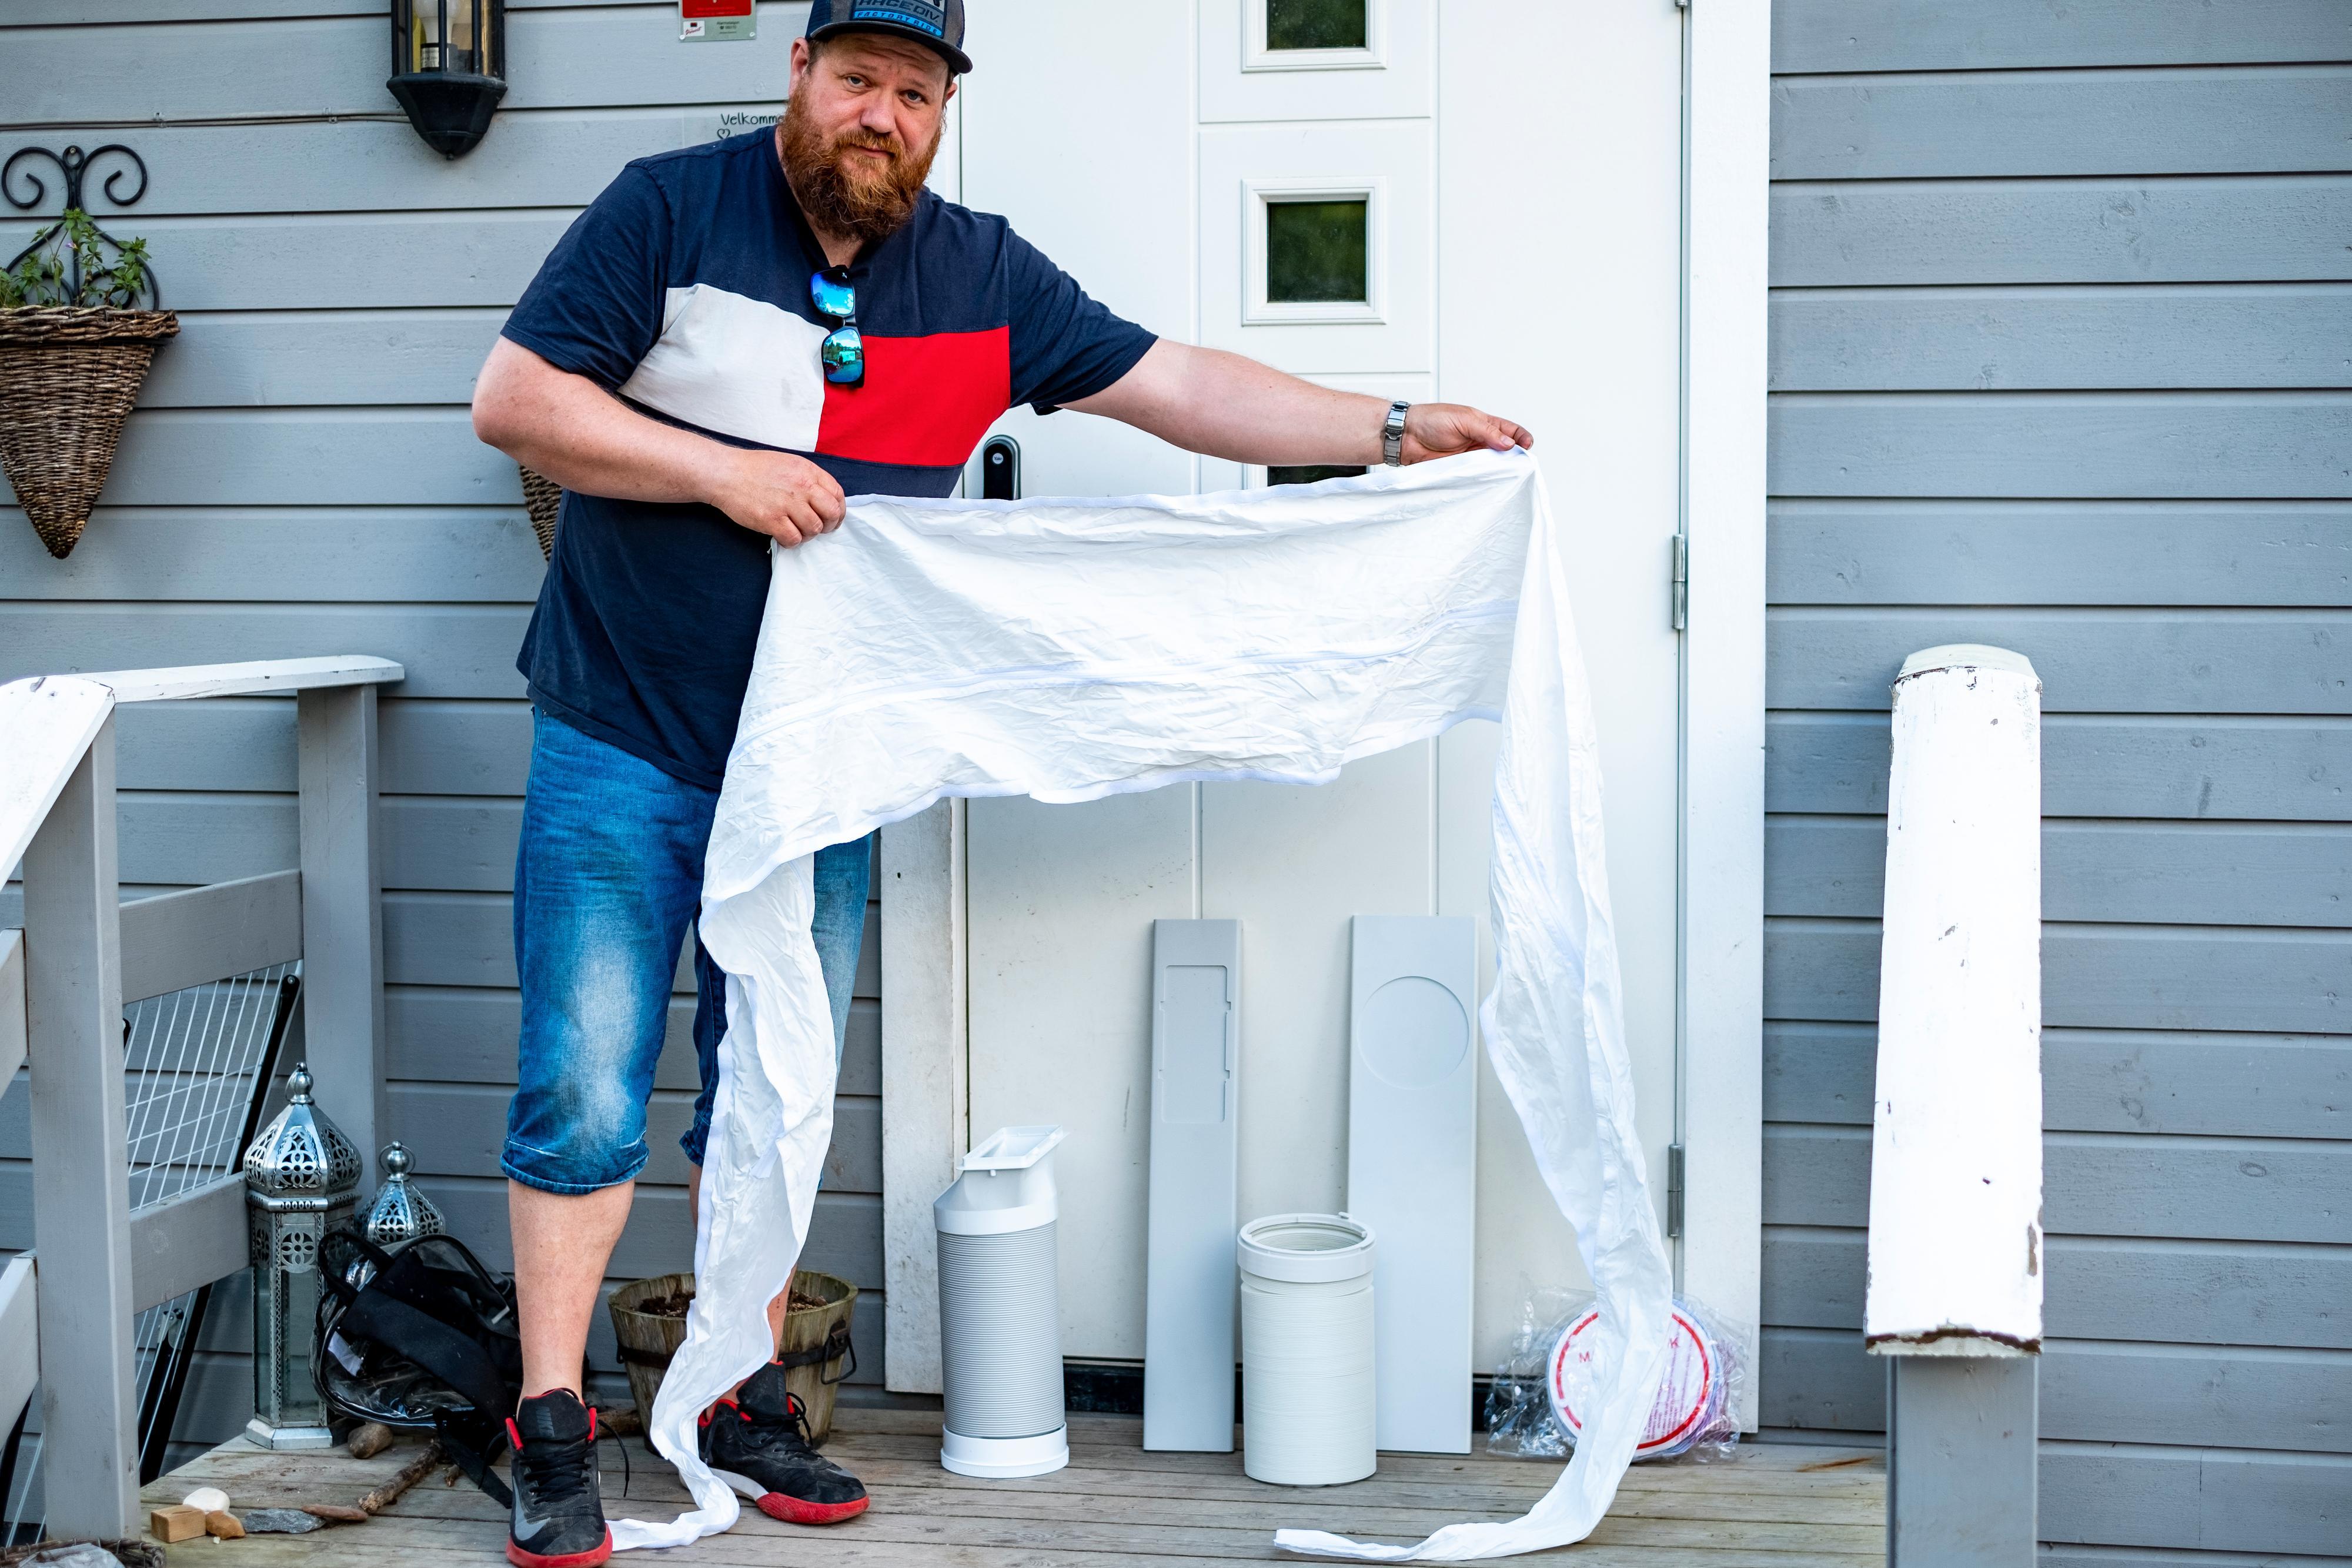 Vindusmonteringssettet Ole Henrik Johansen er sporty modell for festes i vinduskarmen med borrelås som limes fast - så river du det bare av når det ikke er i bruk. Med slangen tredd innpå blir det som en liten ballong i vindusåpningen som sender varmlufta ut. Her behøver du ikke å få spesielt stor åpning på vinduet for at det skal virke.